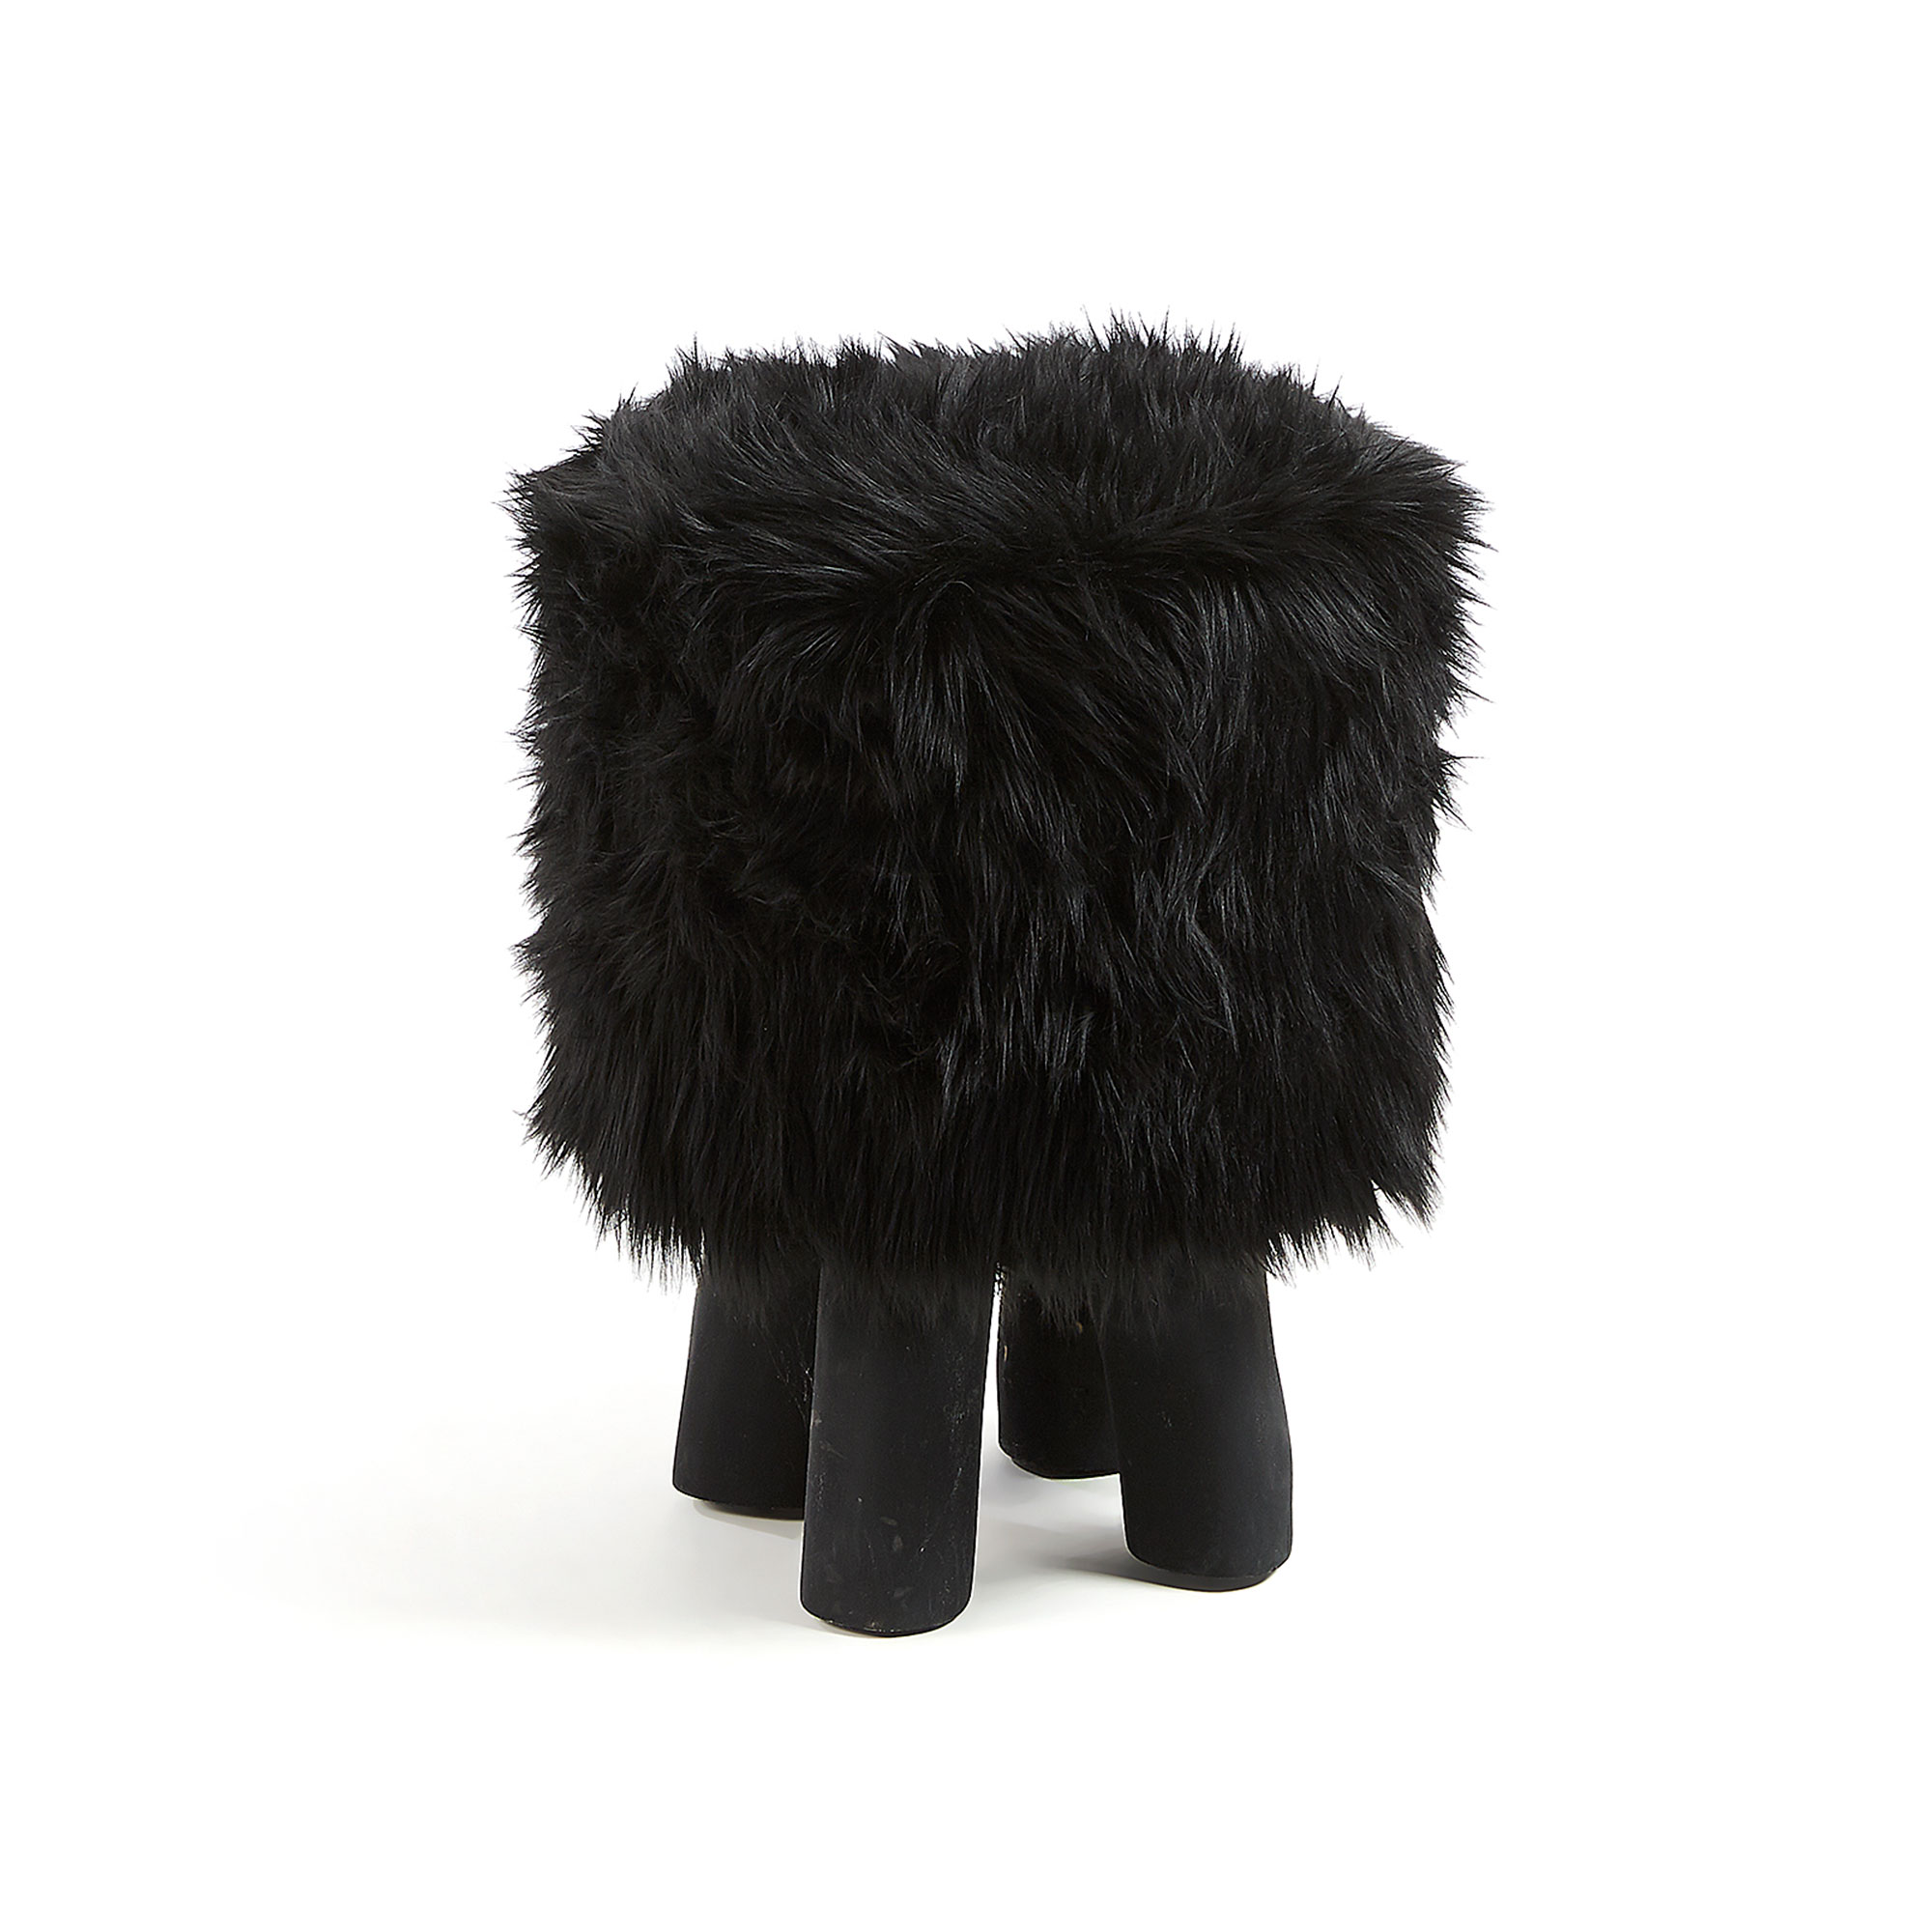 LAFORMA Oda skammel - sort kunstig pels/teaktræ, rund (Ø38)